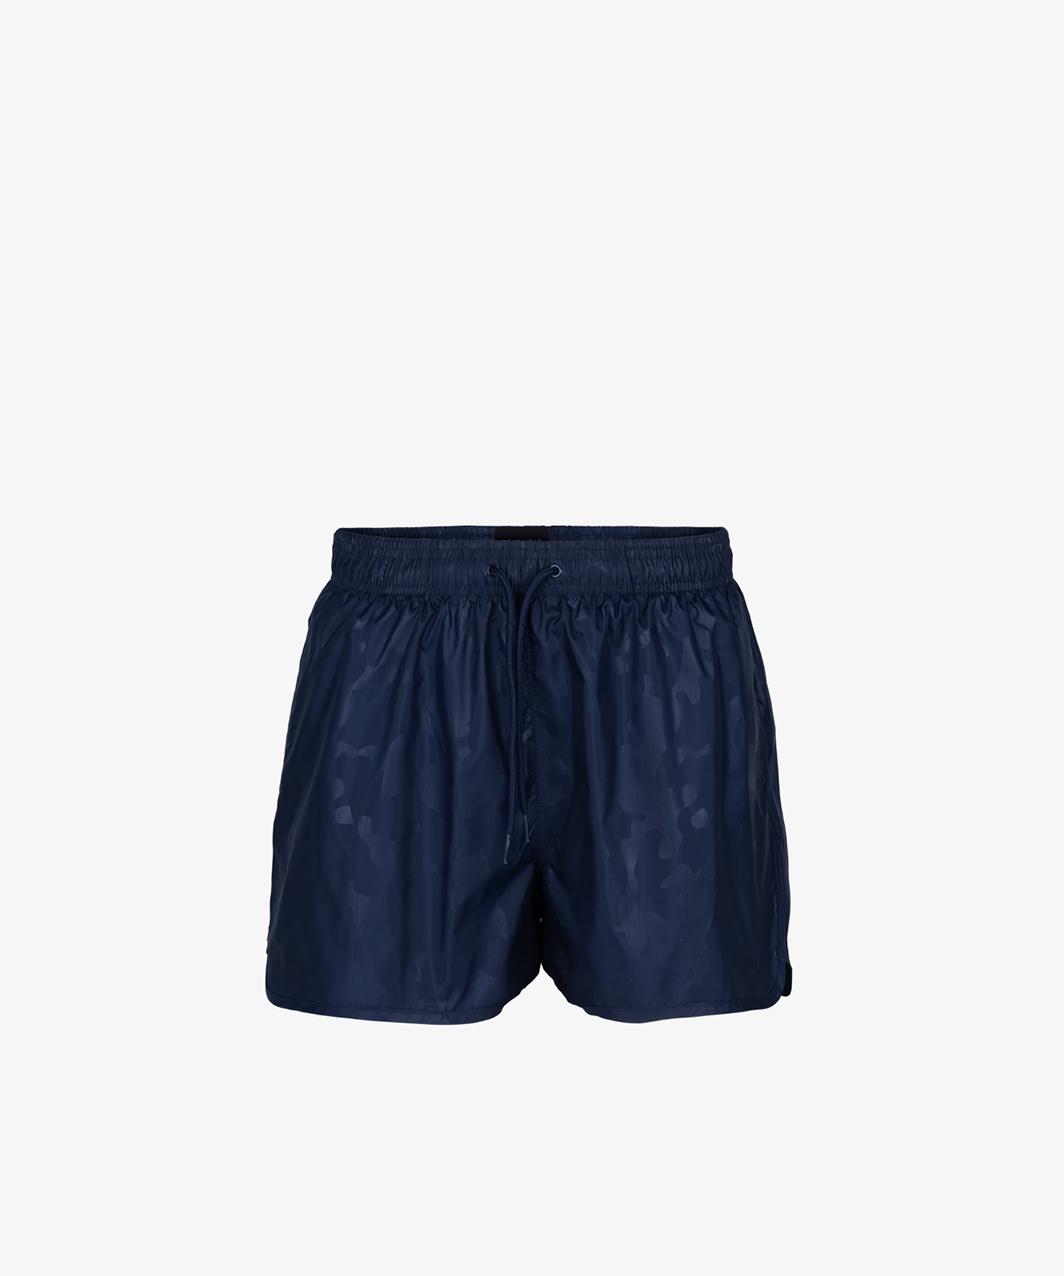 Мини-шорты пляжные мужские KMB-198